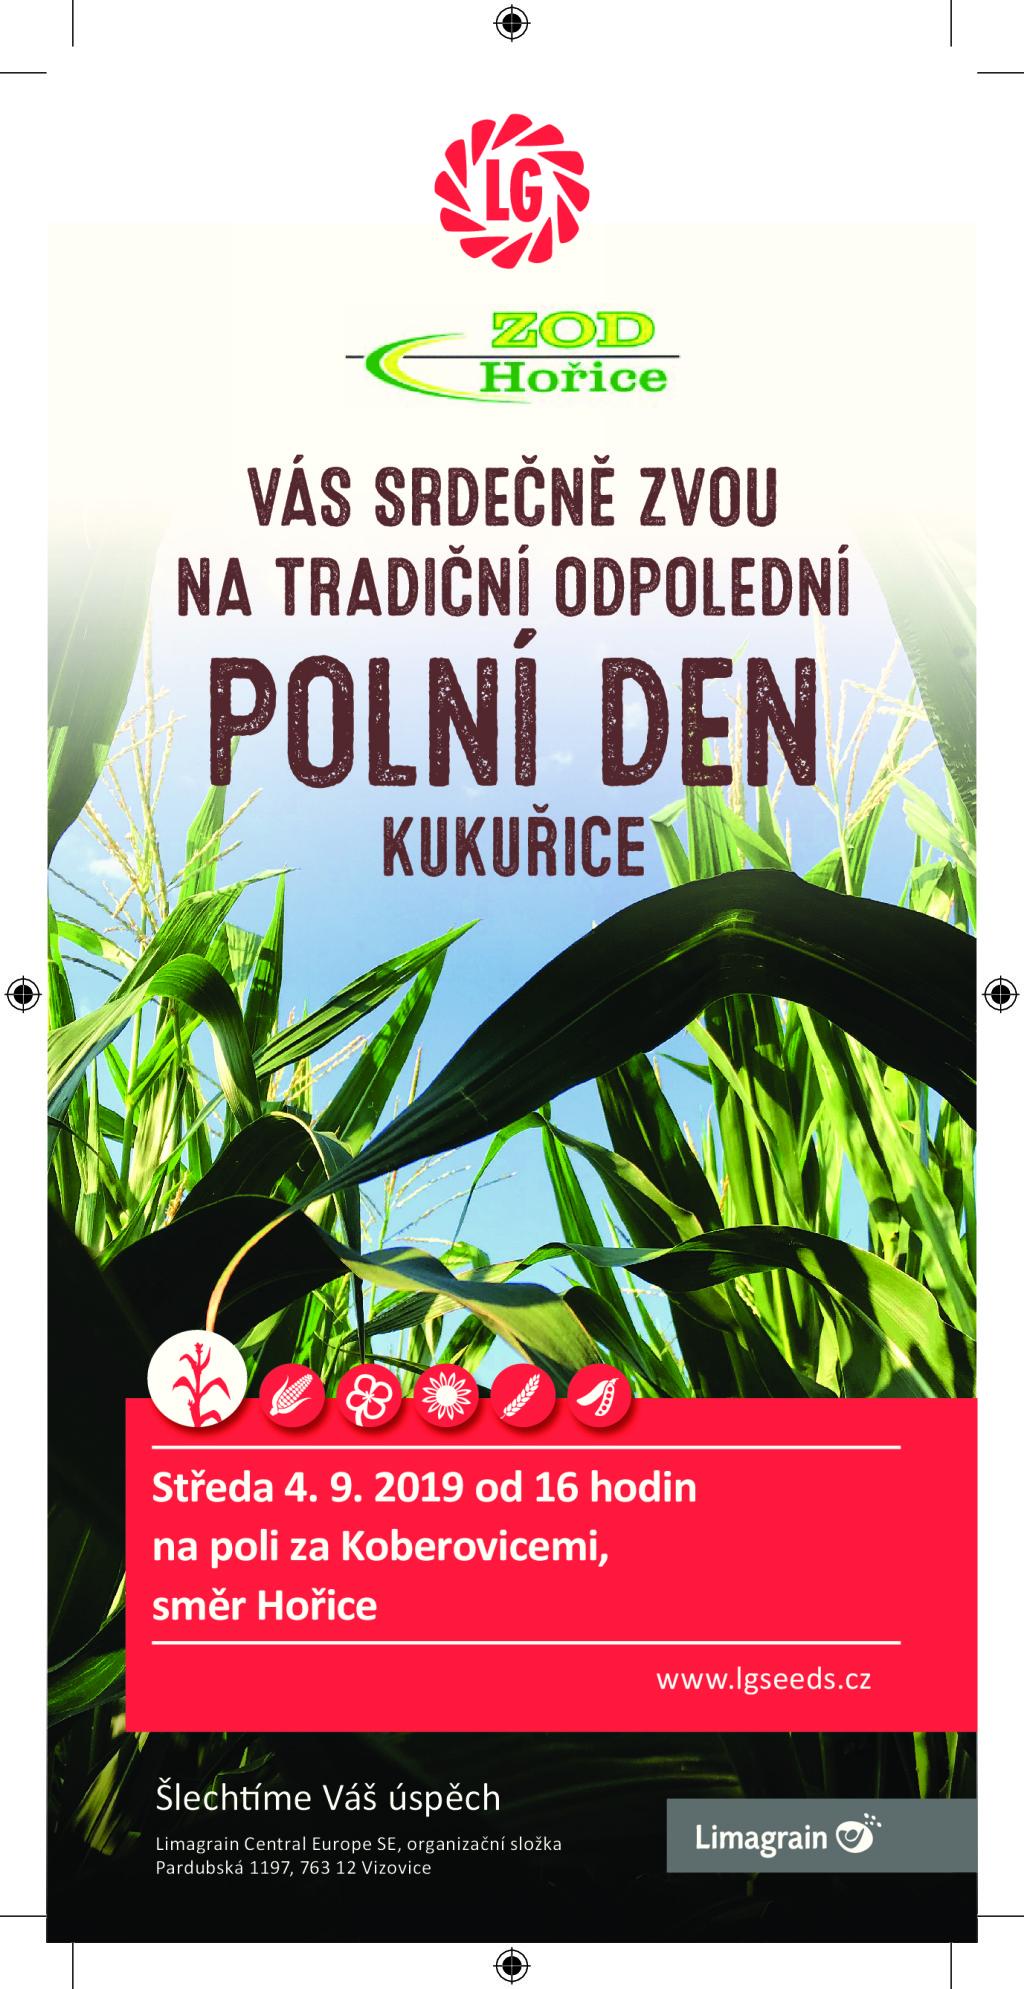 2019 CZ Polní den Hořice0409_DL